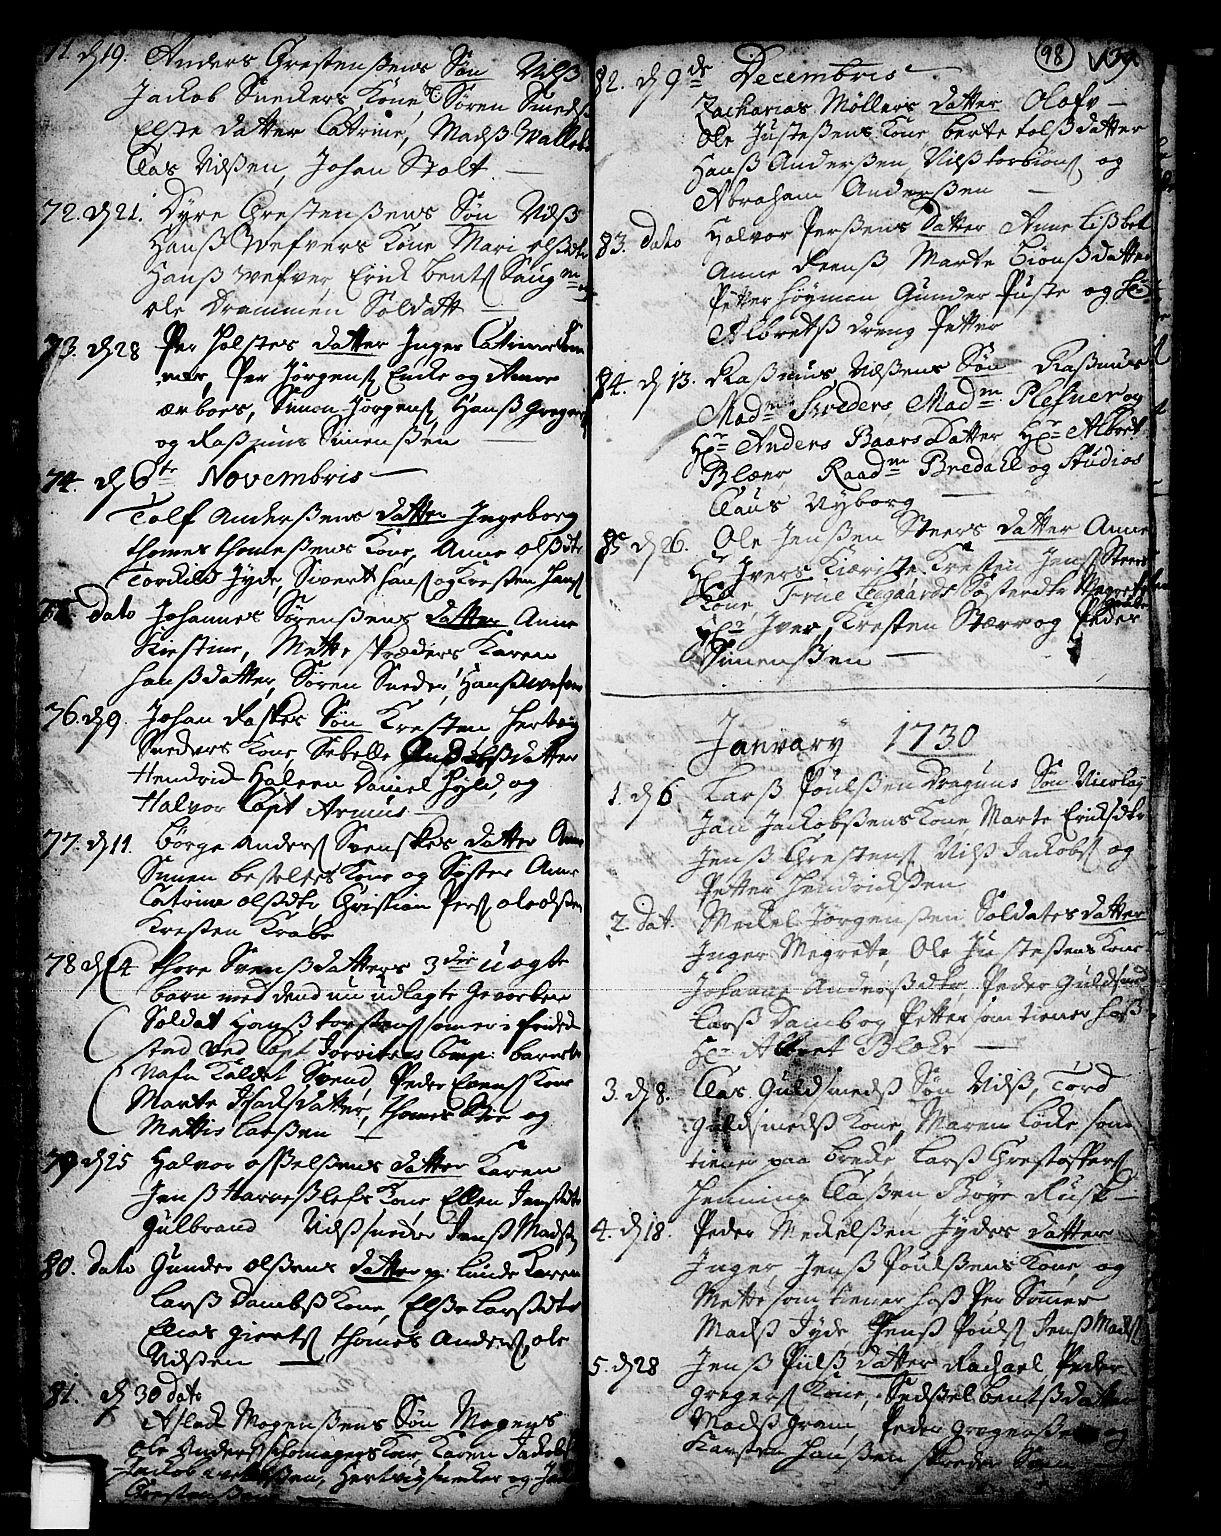 SAKO, Skien kirkebøker, F/Fa/L0002: Ministerialbok nr. 2, 1716-1757, s. 98